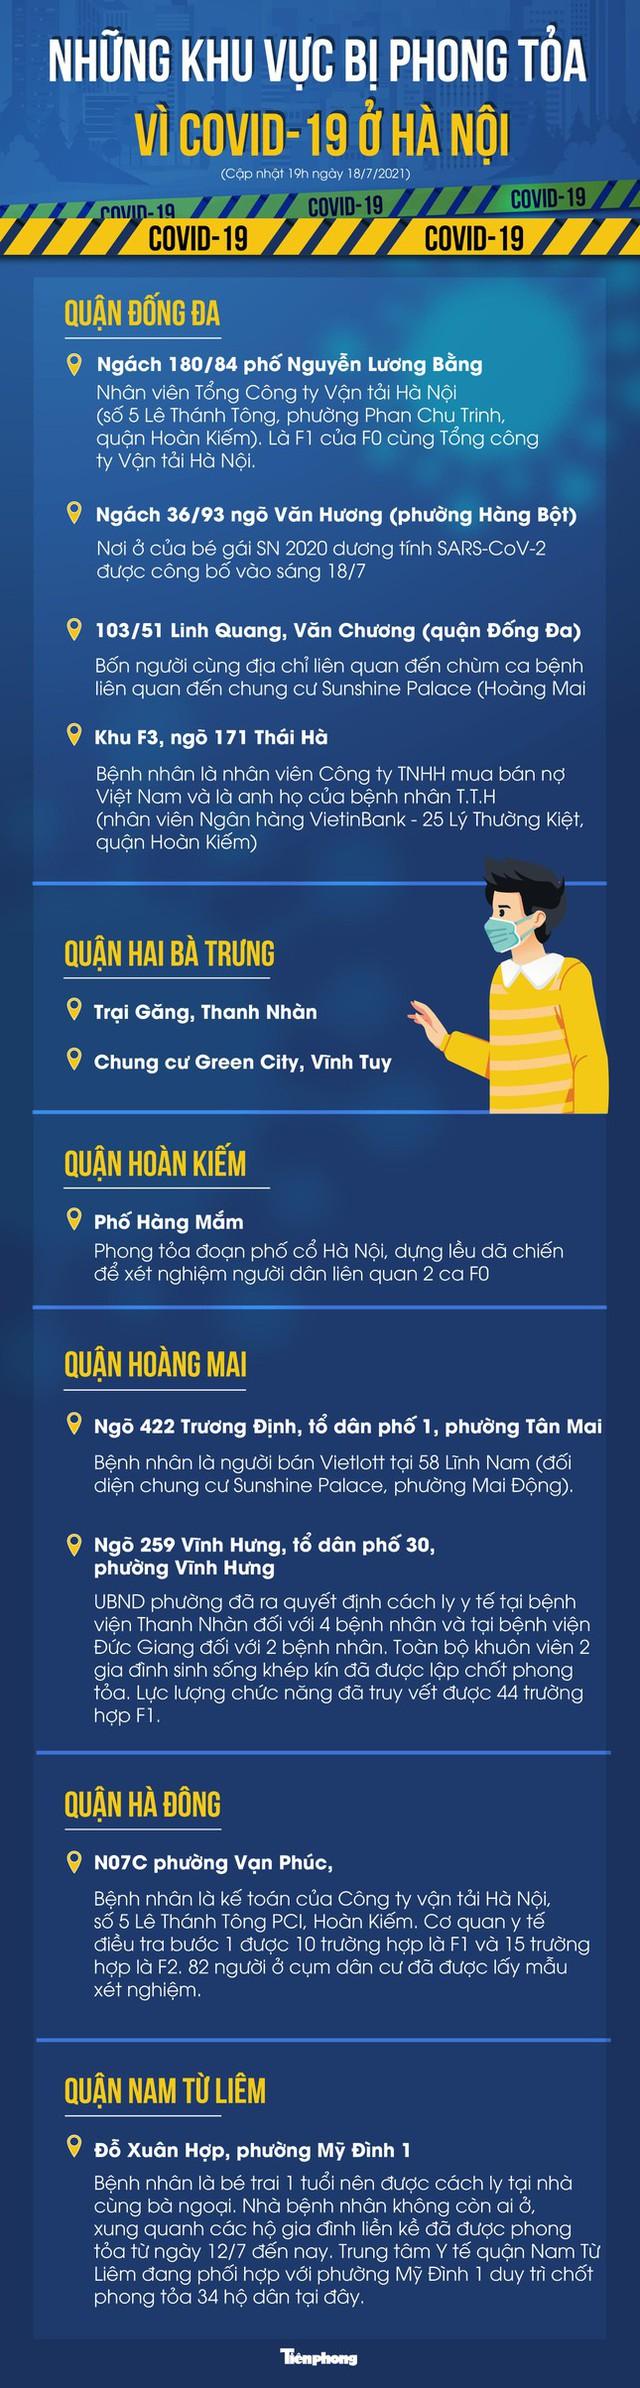 Hà Nội nhận định về chùm ca bệnh liên quan 34 người ở số 90 Nguyễn Khuyến - Ảnh 1.